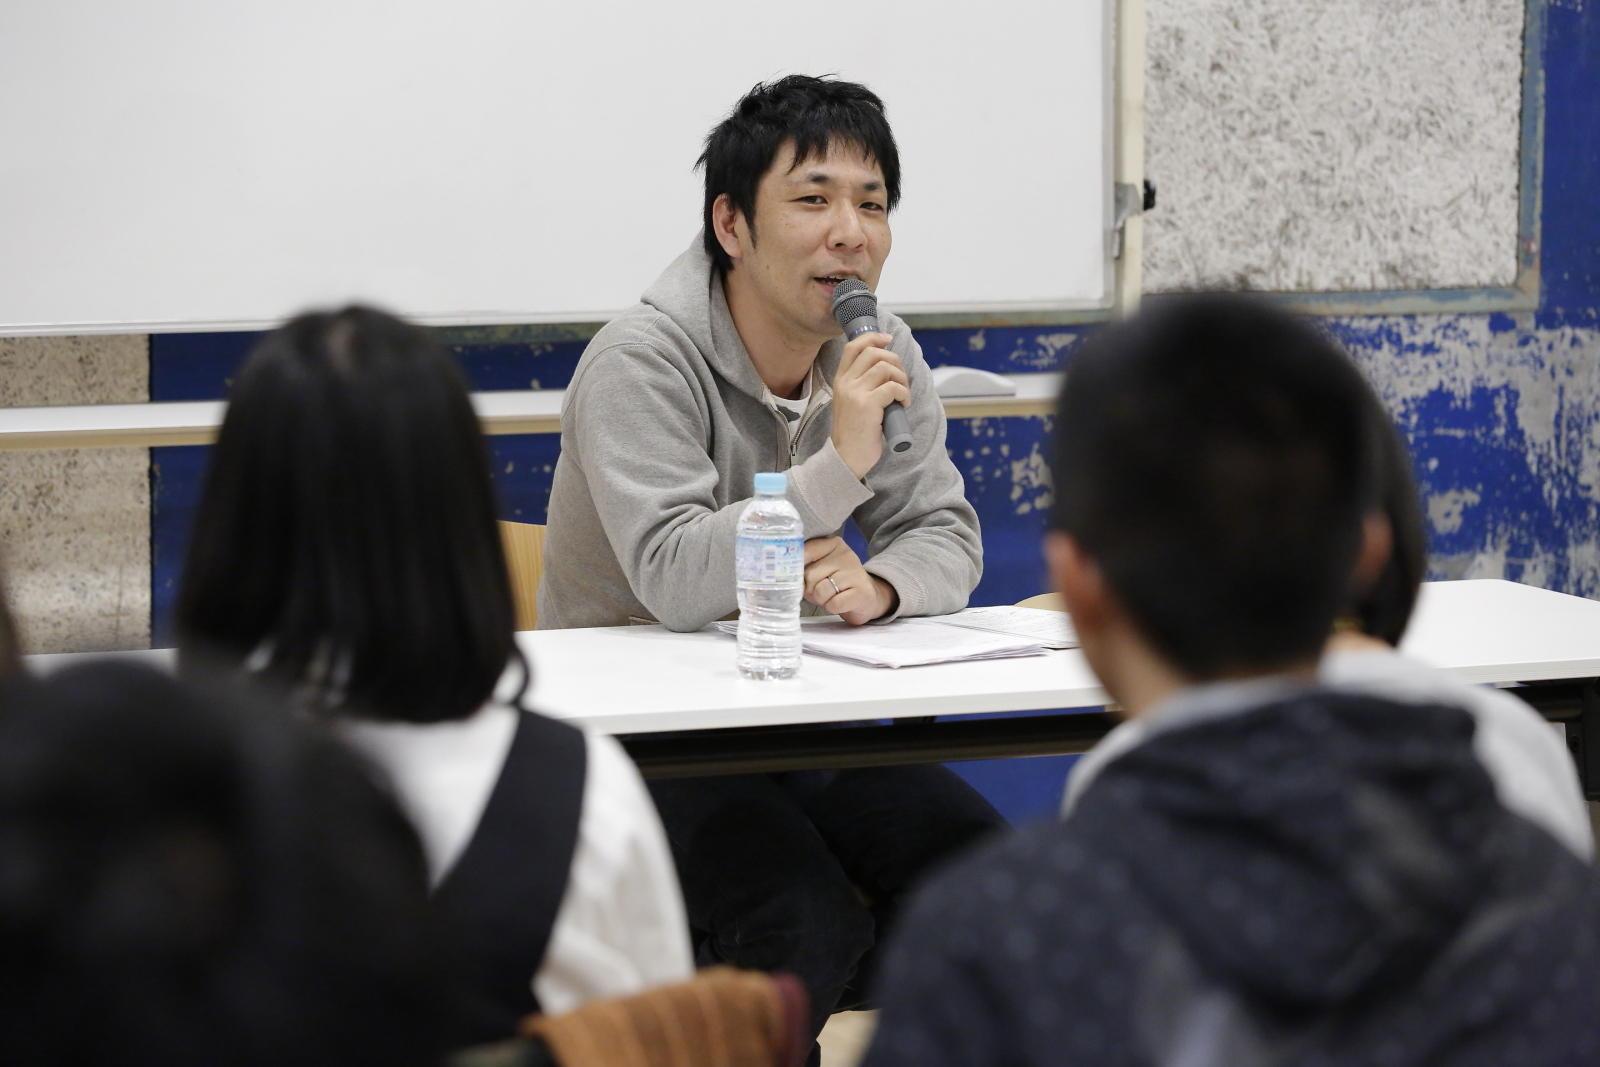 http://news.yoshimoto.co.jp/20160127192402-5cc2baab47b7d840aa684789a93e20c42f4b978d.jpg